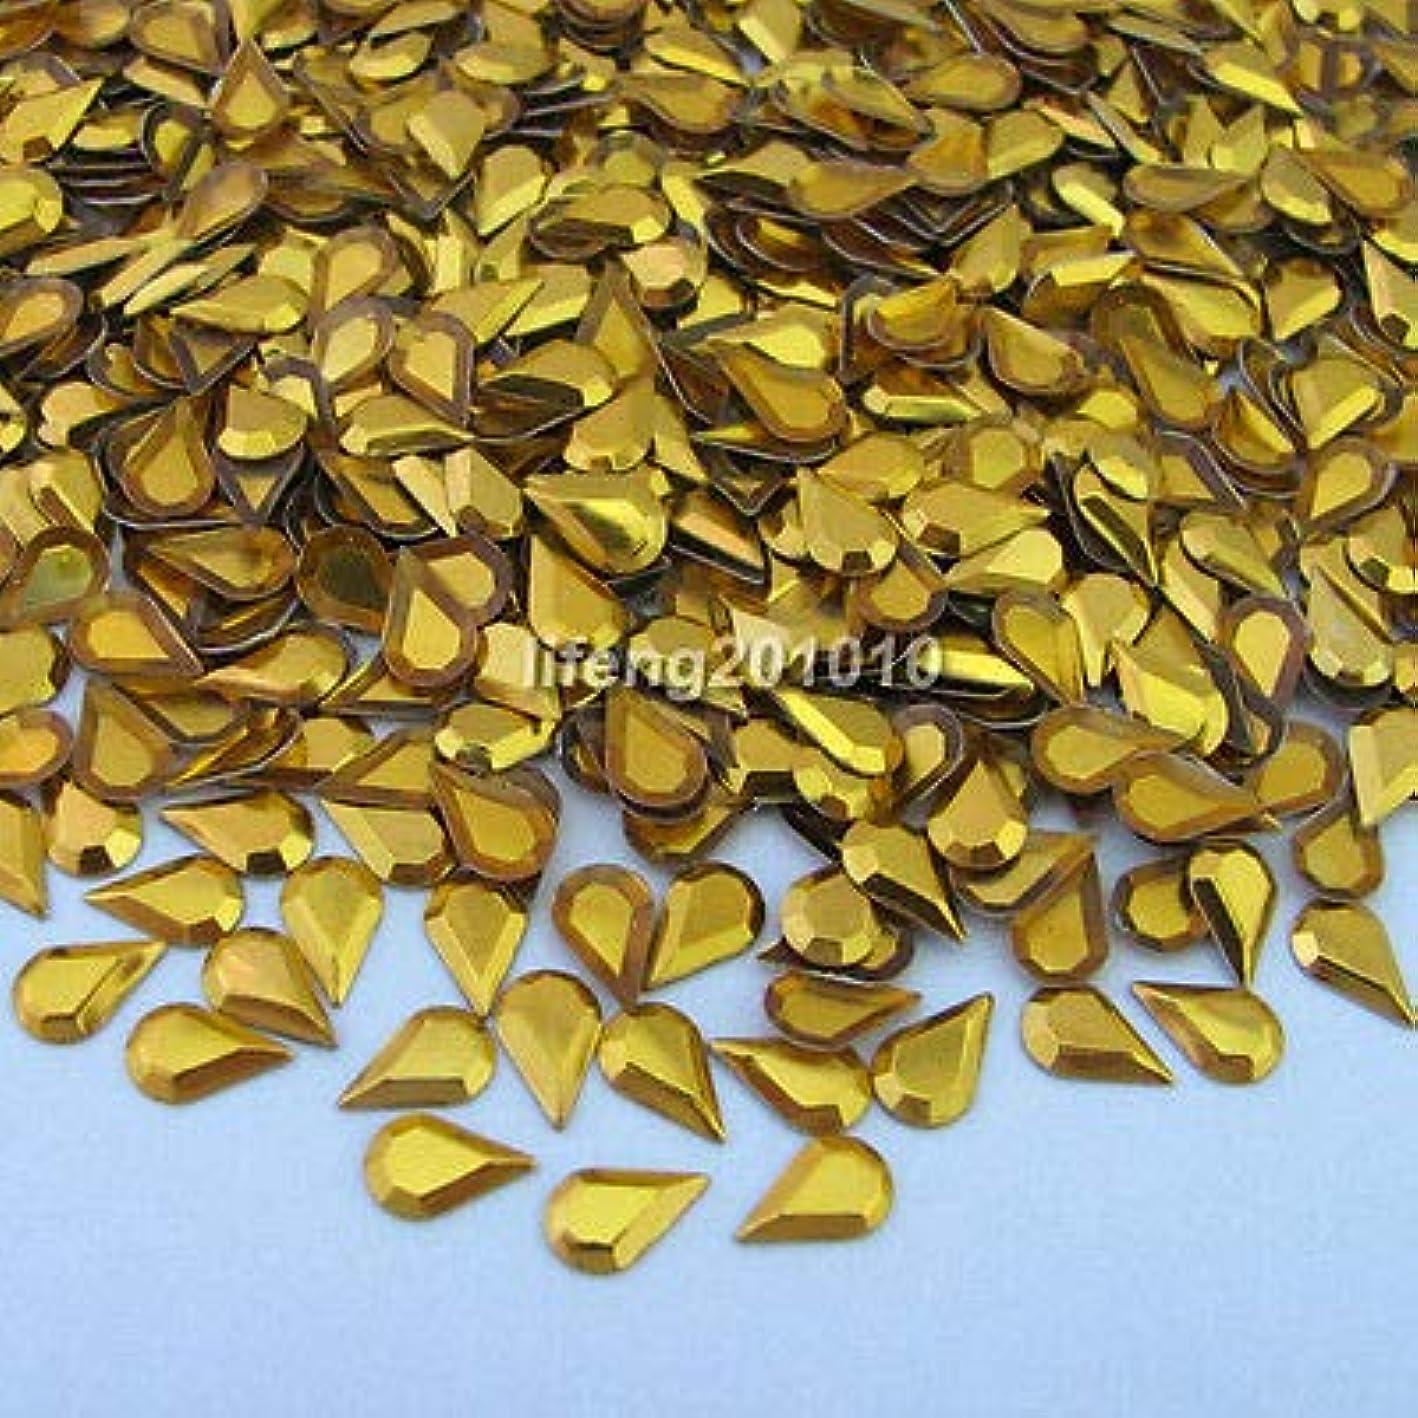 後悔ビルダーお誕生日FidgetGear 1000PCS 3Dは合金の釘の芸術のラインストーンの金属の携帯電話の装飾のスタッドを落とします ゴールド